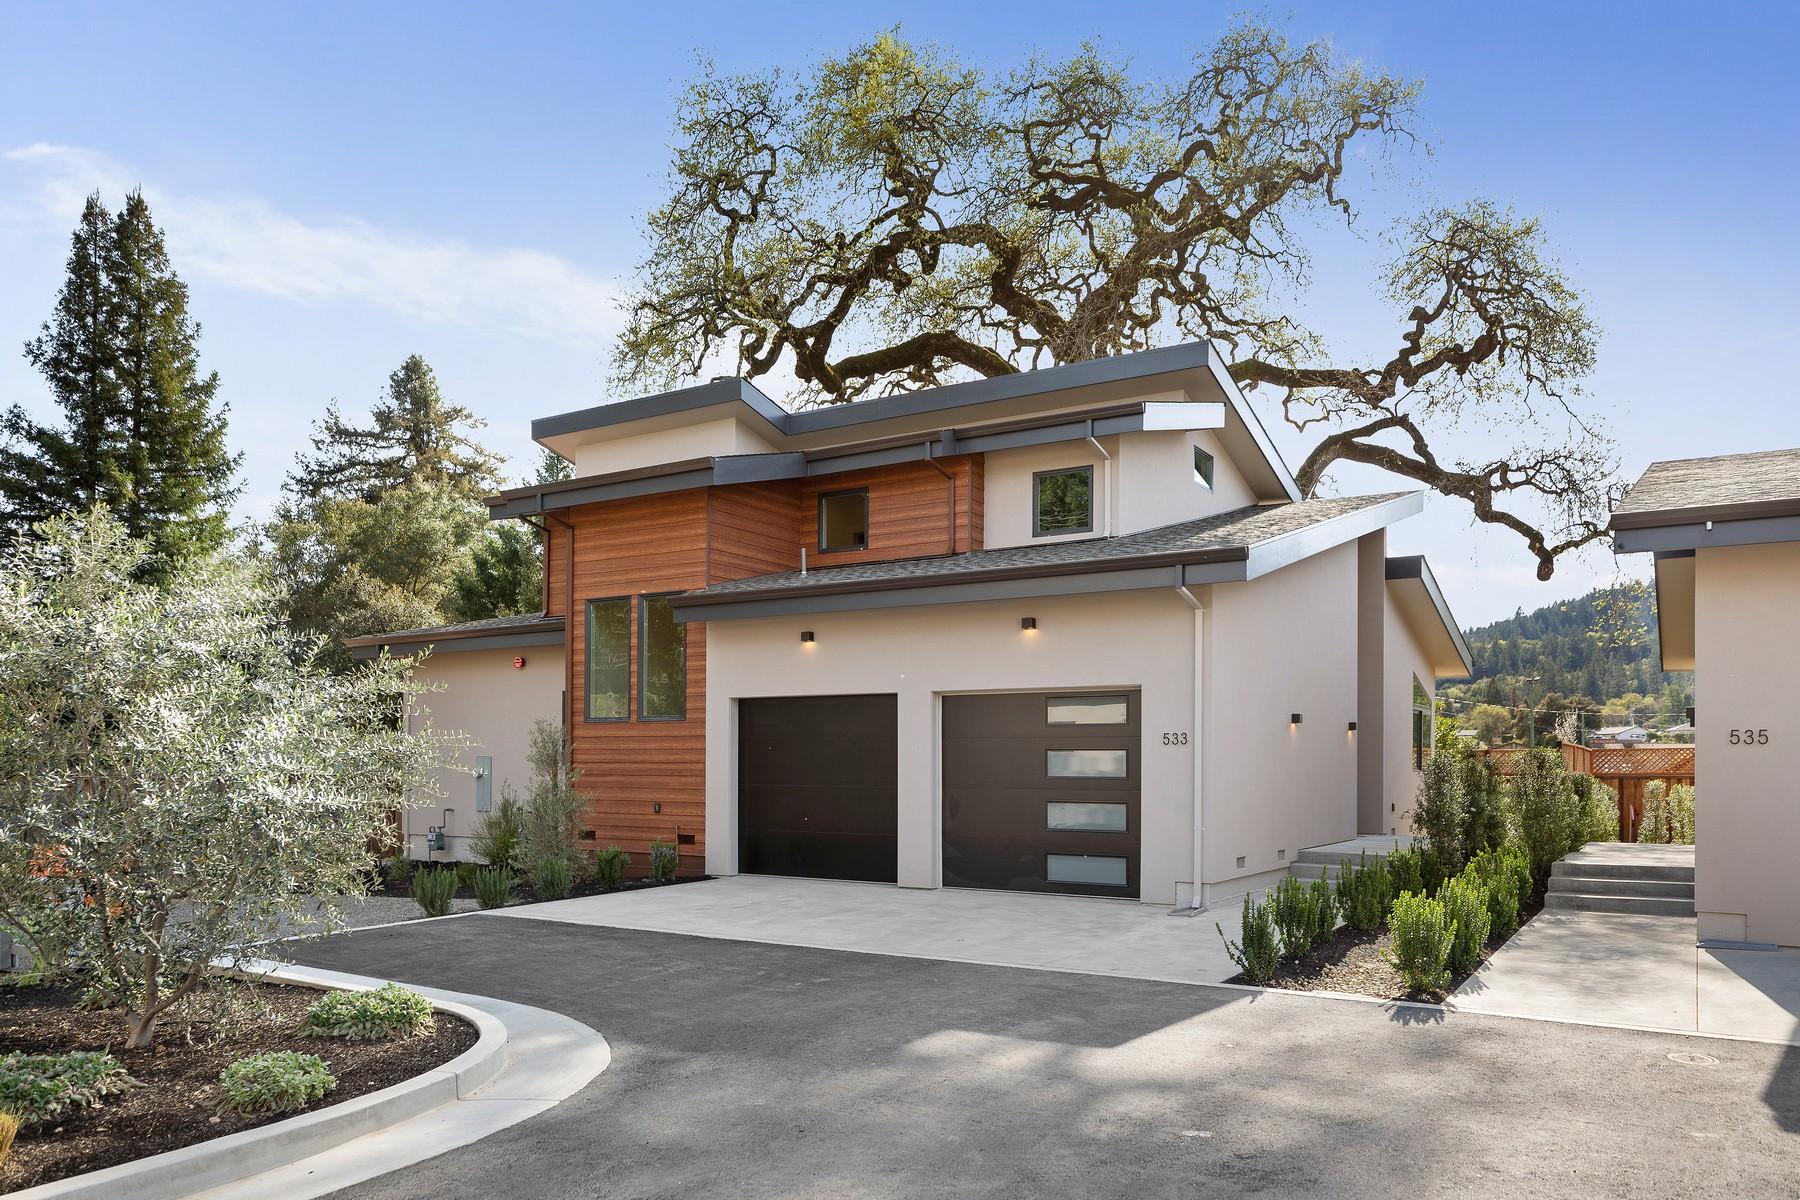 Single Family Homes para Venda às Boulevard North 531 North Cloverdale Boulevard, Cloverdale, Califórnia 95425 Estados Unidos